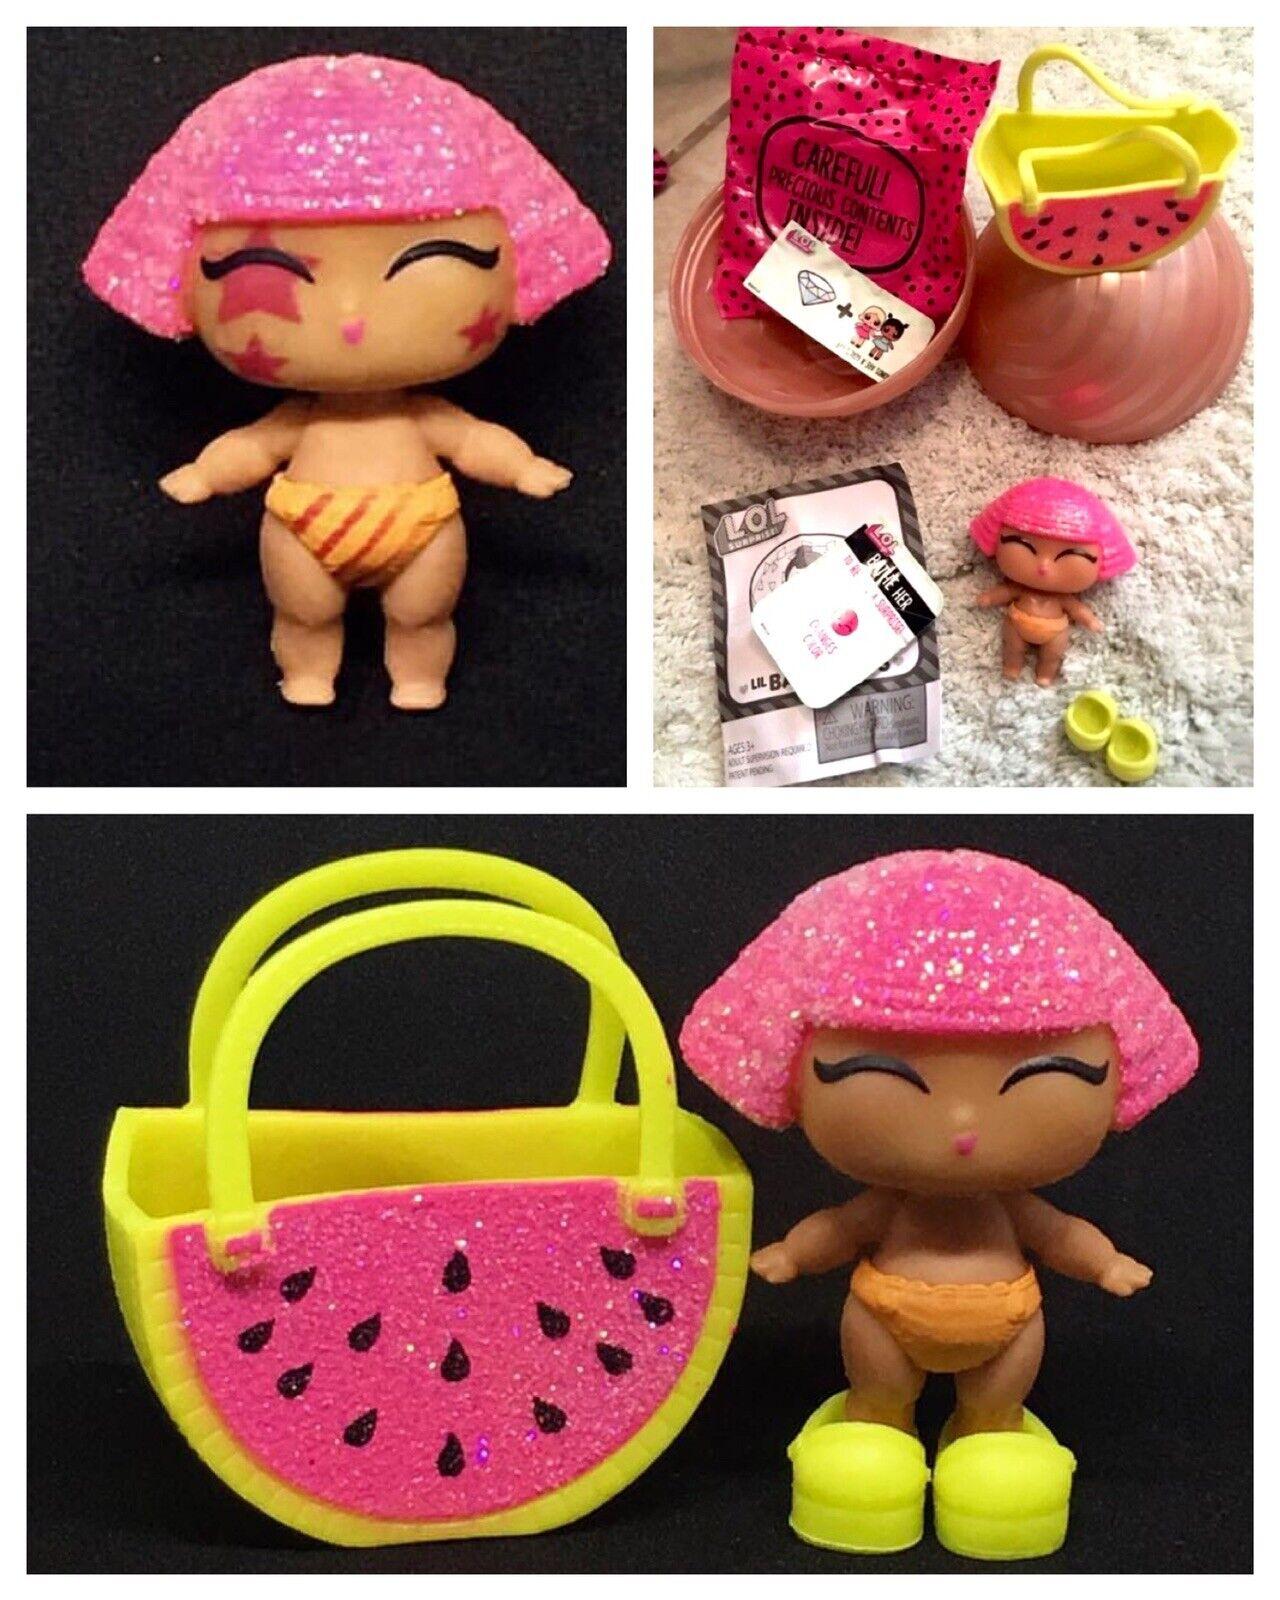 Lol Überraschung Puppe Lil Glitter Queen Series2 Gold Ball Sis Komplett Original